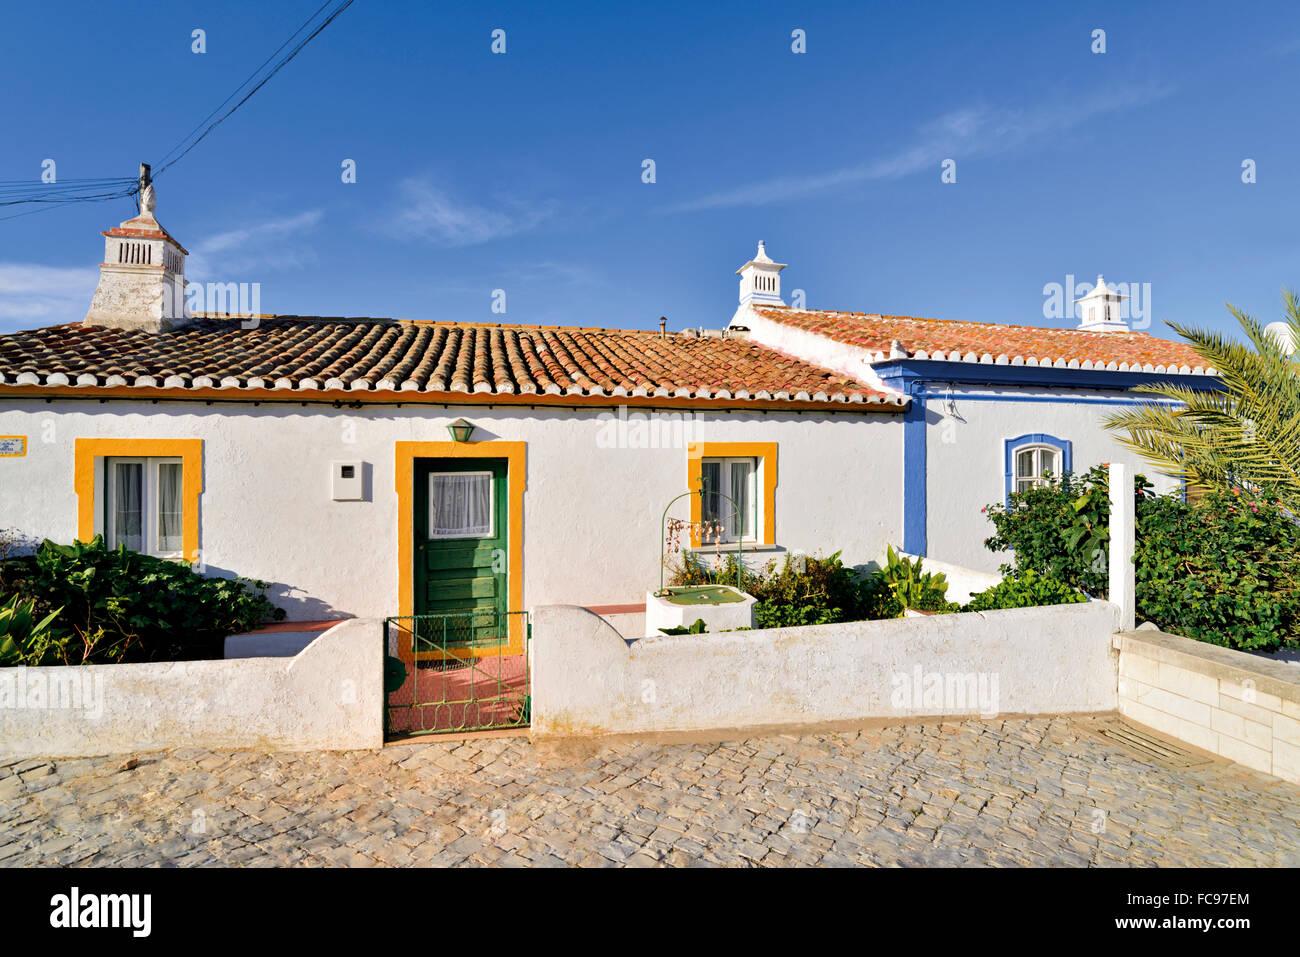 Portugal, Algarve: arquitectura típica del Algarve, con casas encaladas y coloridos marcos Imagen De Stock